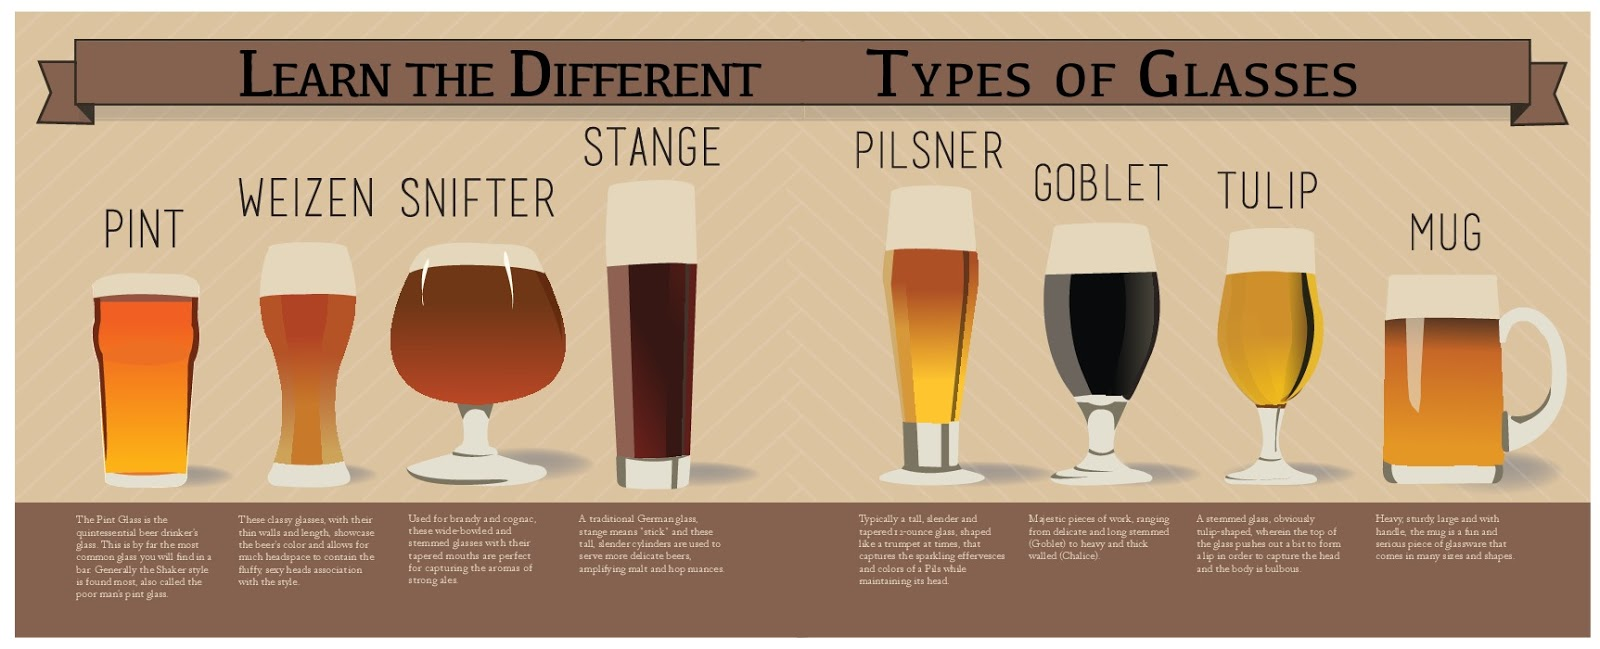 Bardak türleri ve özellikleri